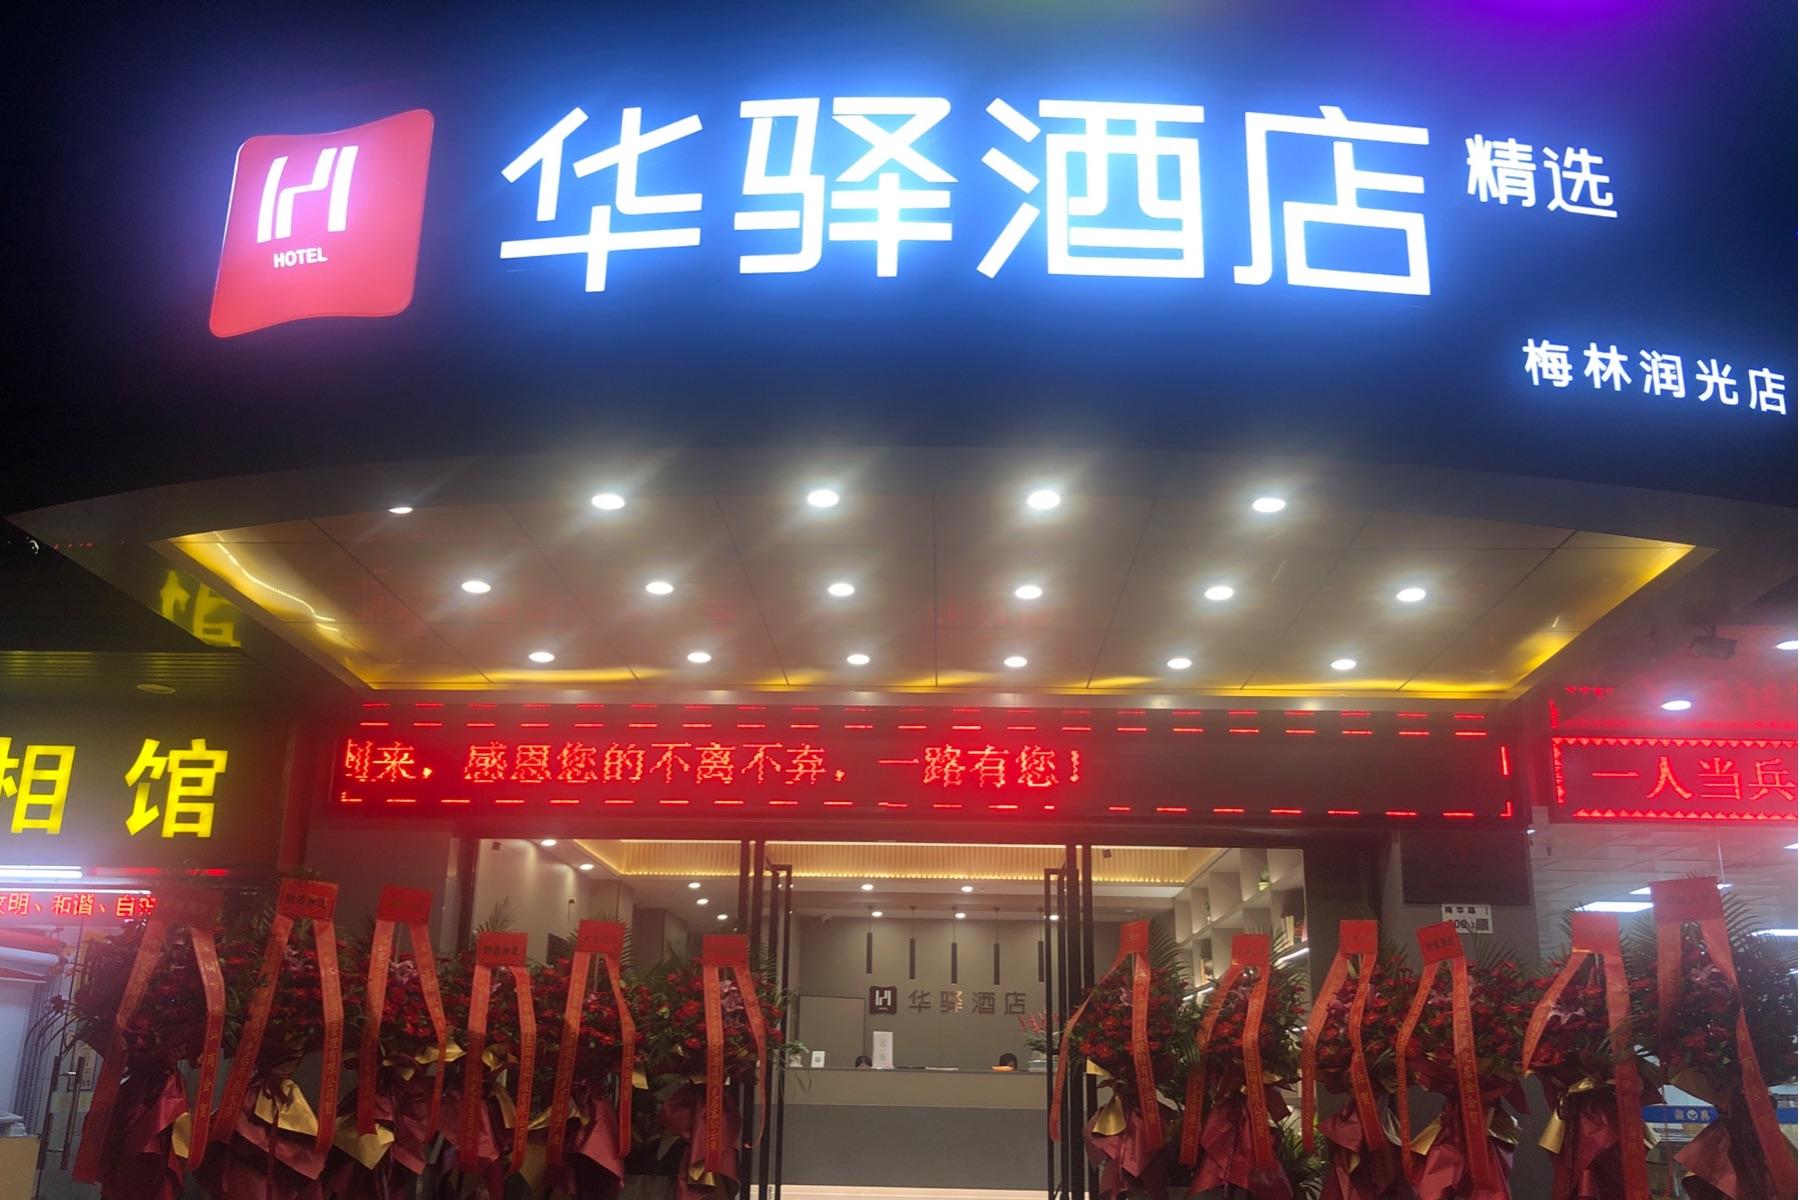 如家聯盟-華驛酒店深圳梅林潤光店